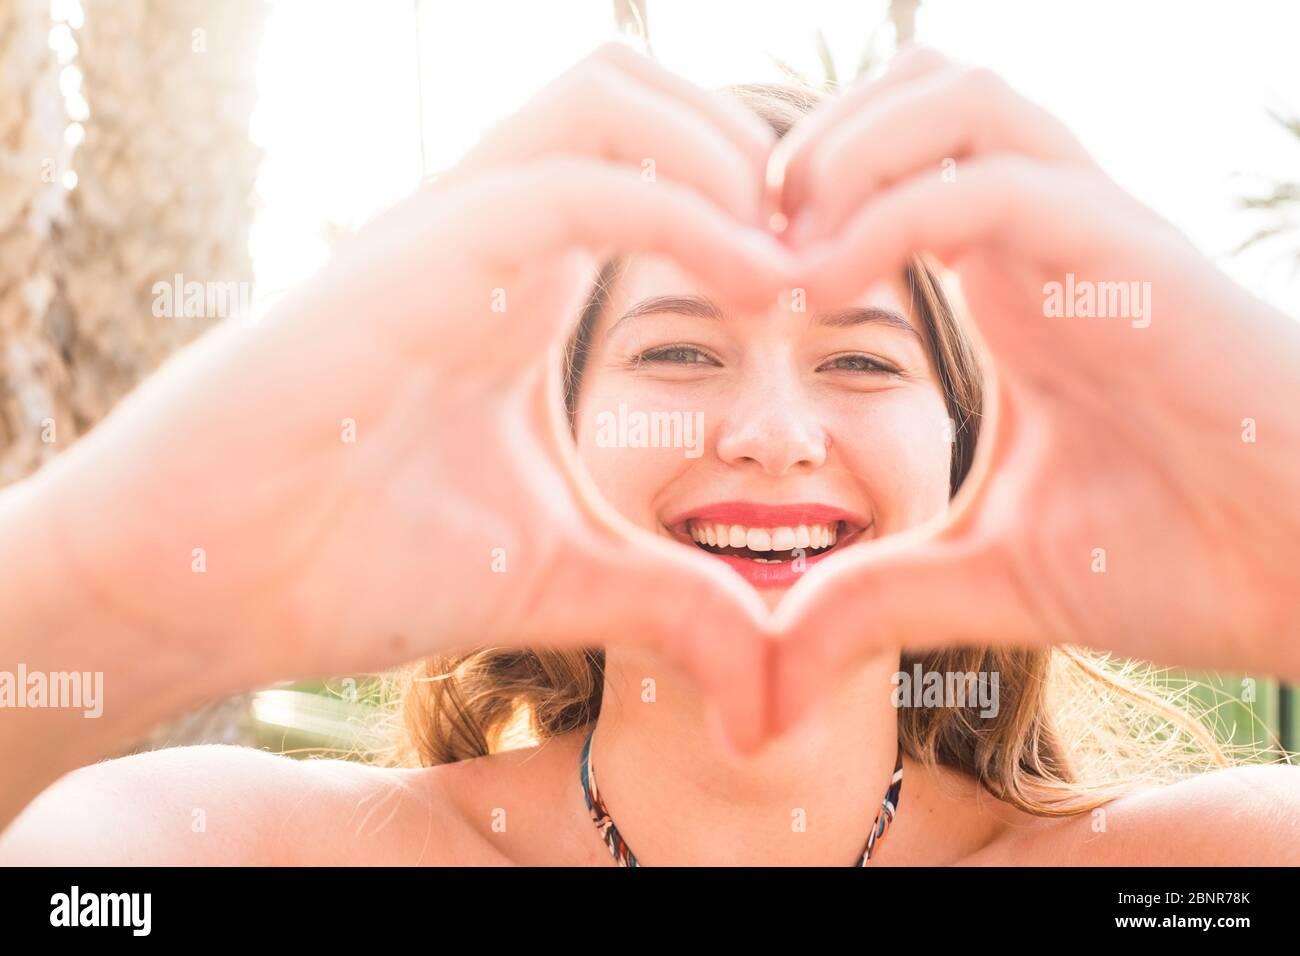 Retrato de cerca de hermosa. Mujer joven caucásica haciendo amor signo de corazón con las manos en la cámara - sol brillante fondo y felicidad alegre gente concepto Foto de stock